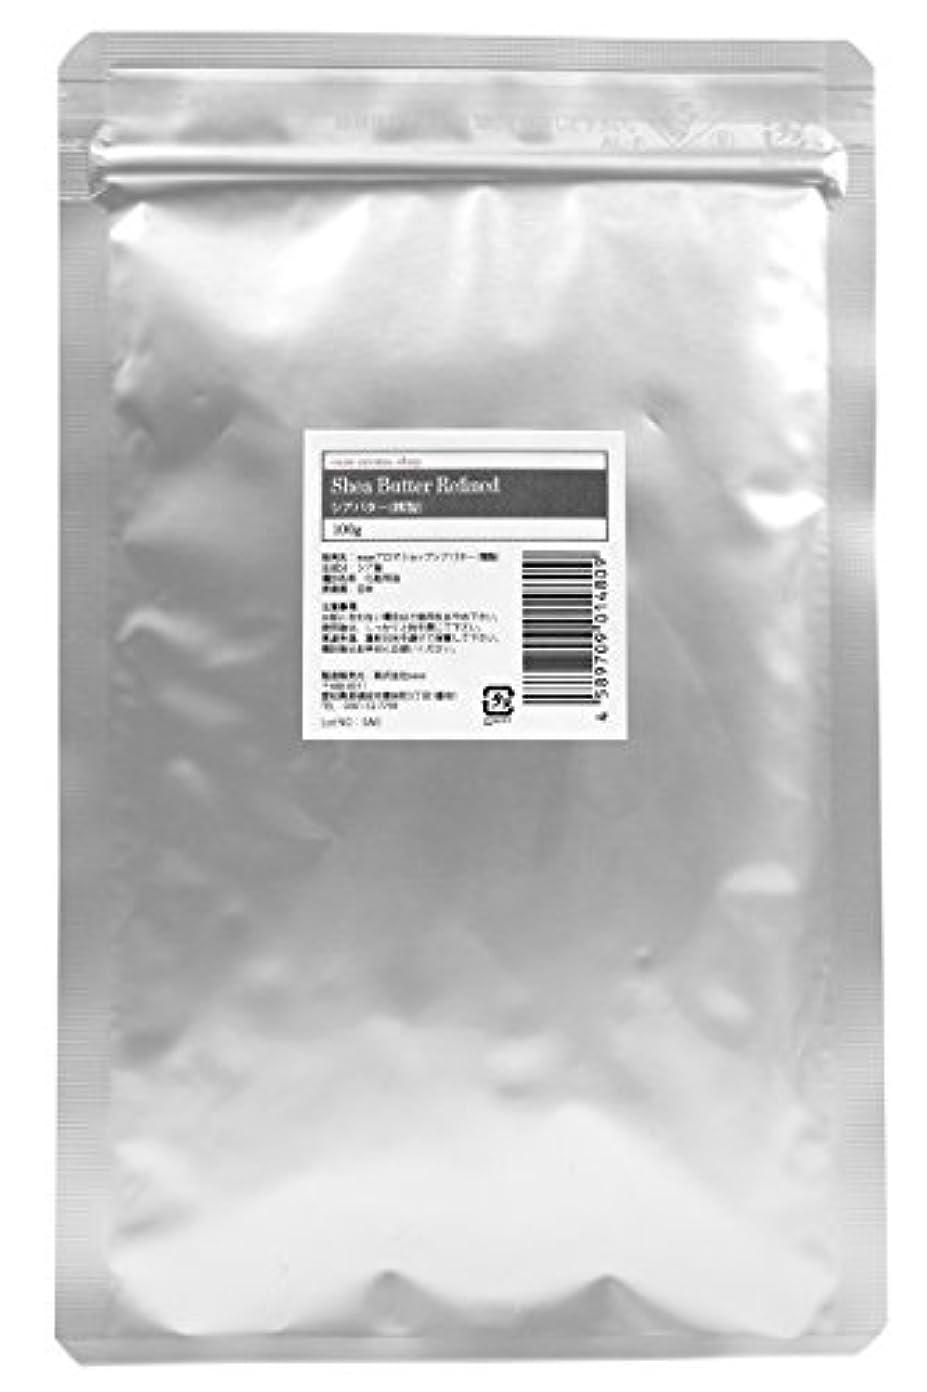 有害な意味のある粒子ease シアバター 精製 100g